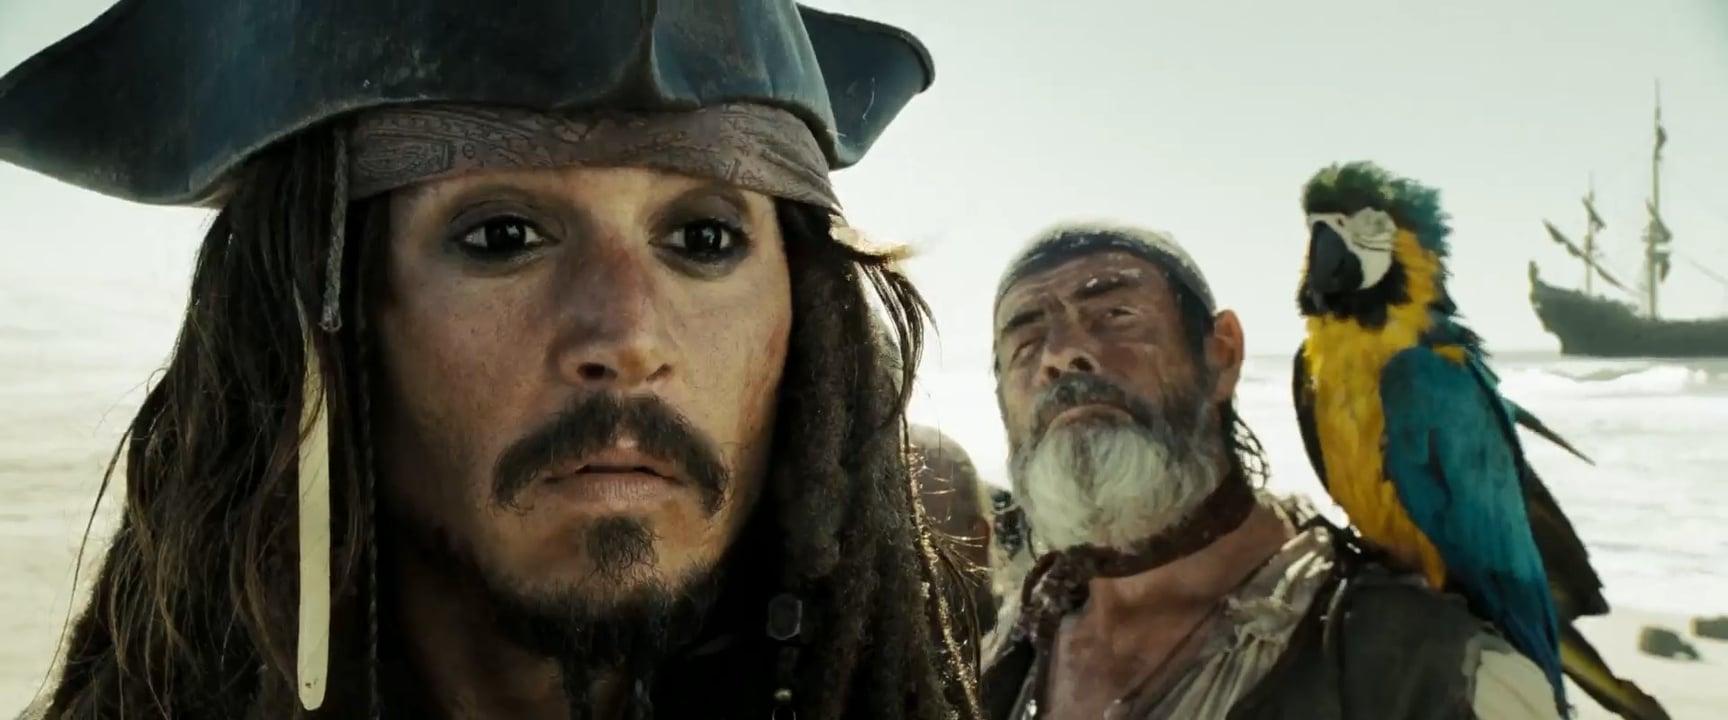 دانلود موسیقی متن فیلم سینمایی دزدان دریایی کاراییب